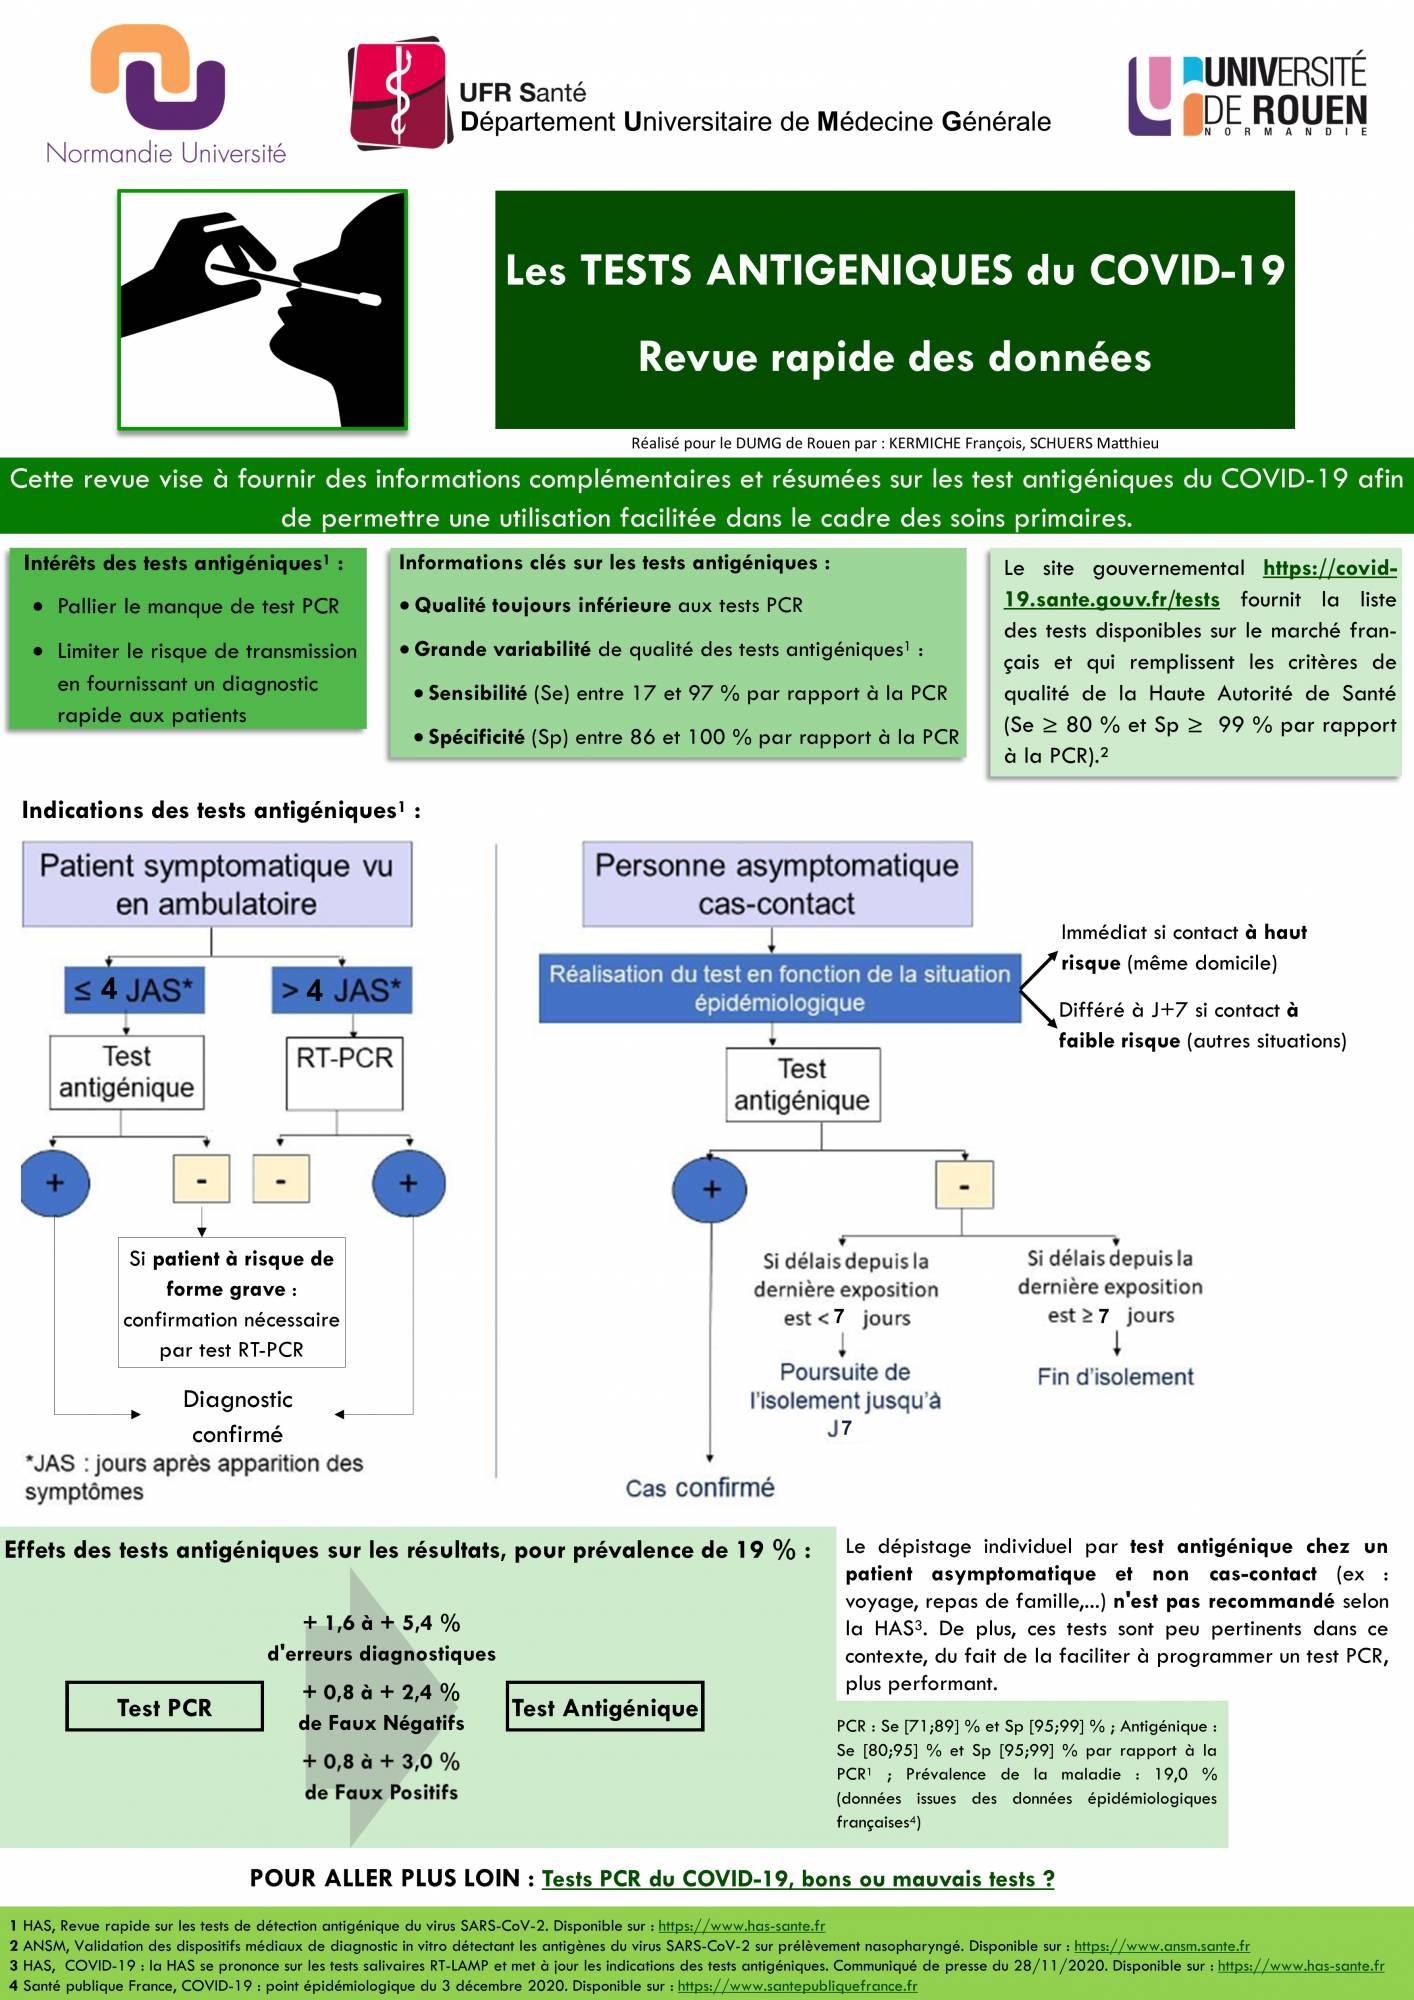 02/02/2021 Performances des tests antigéniques